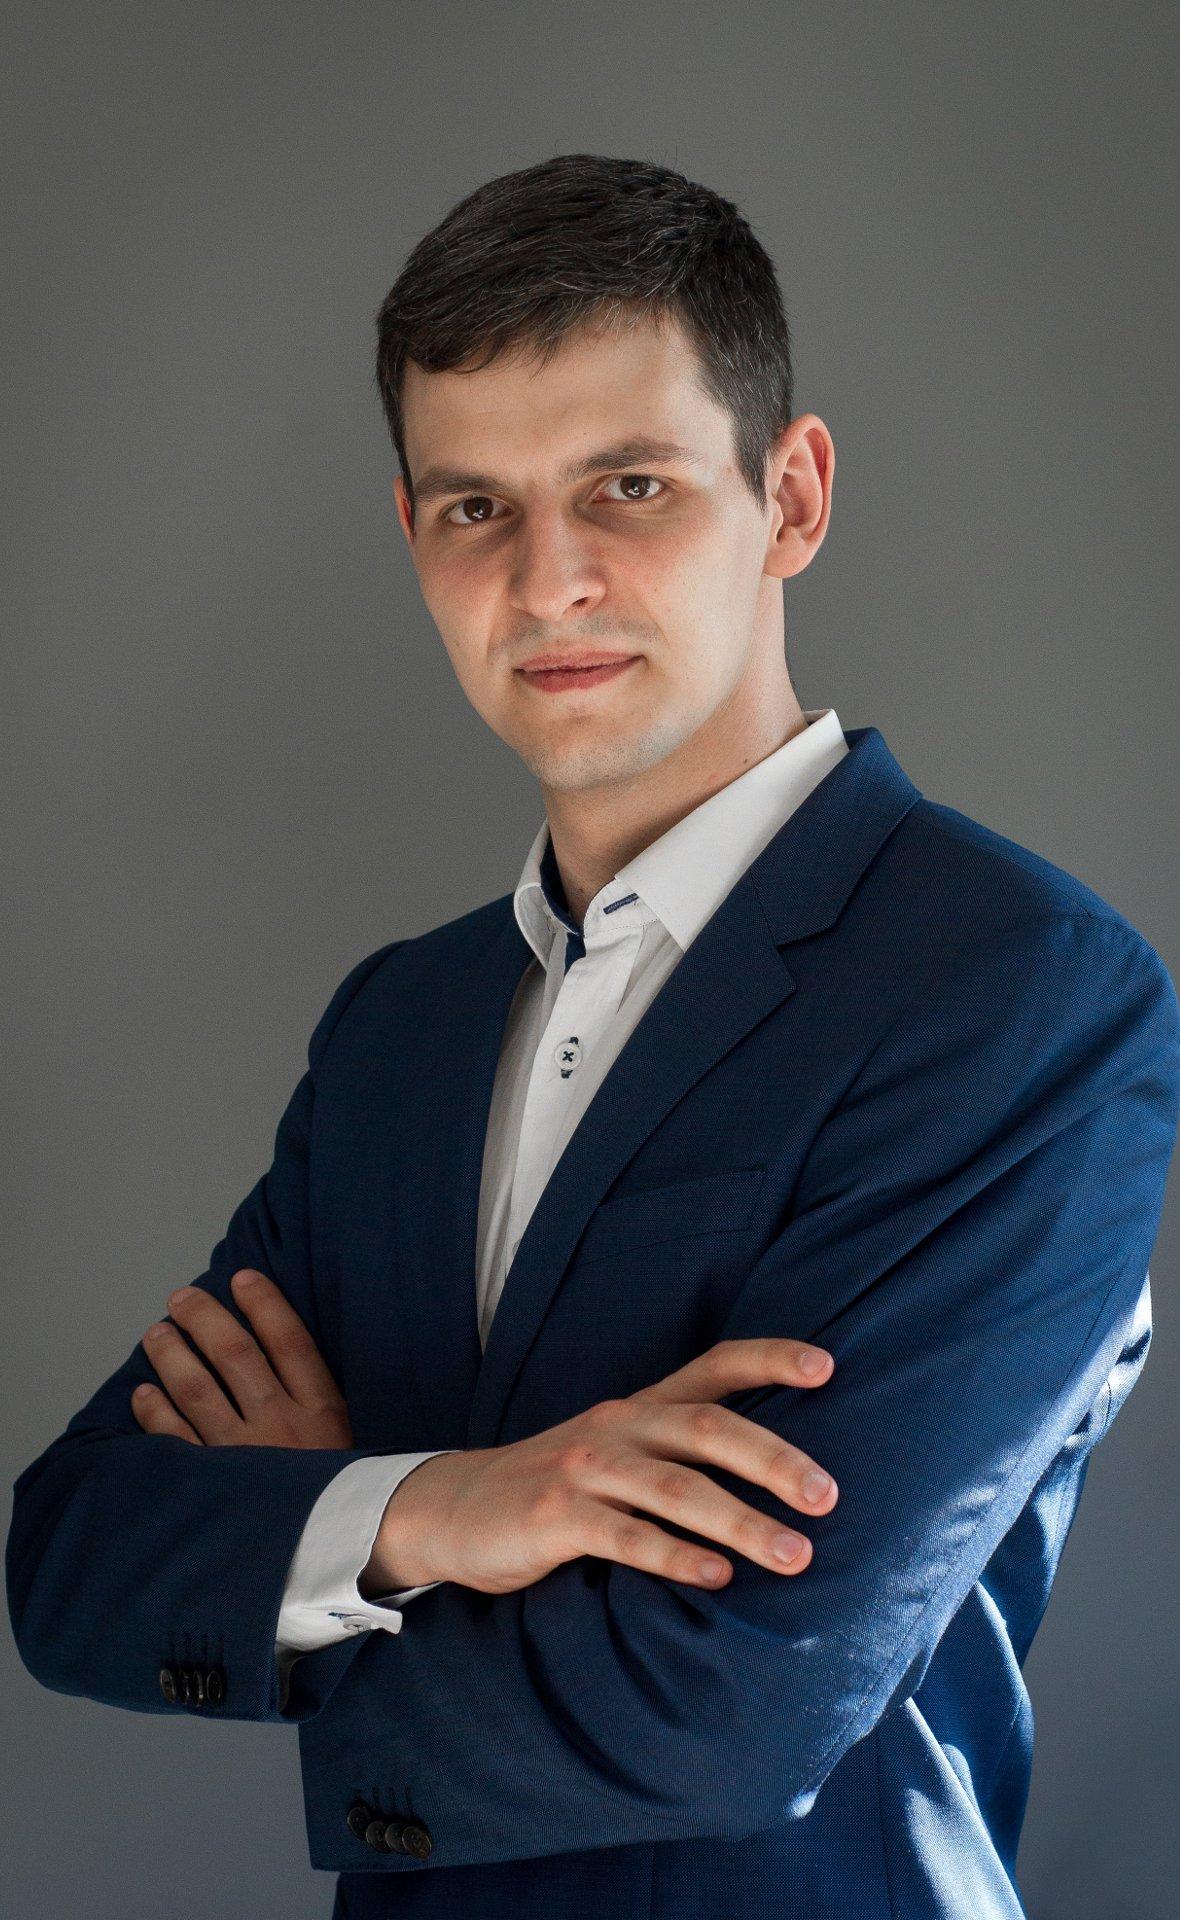 Paweł Musiałowski